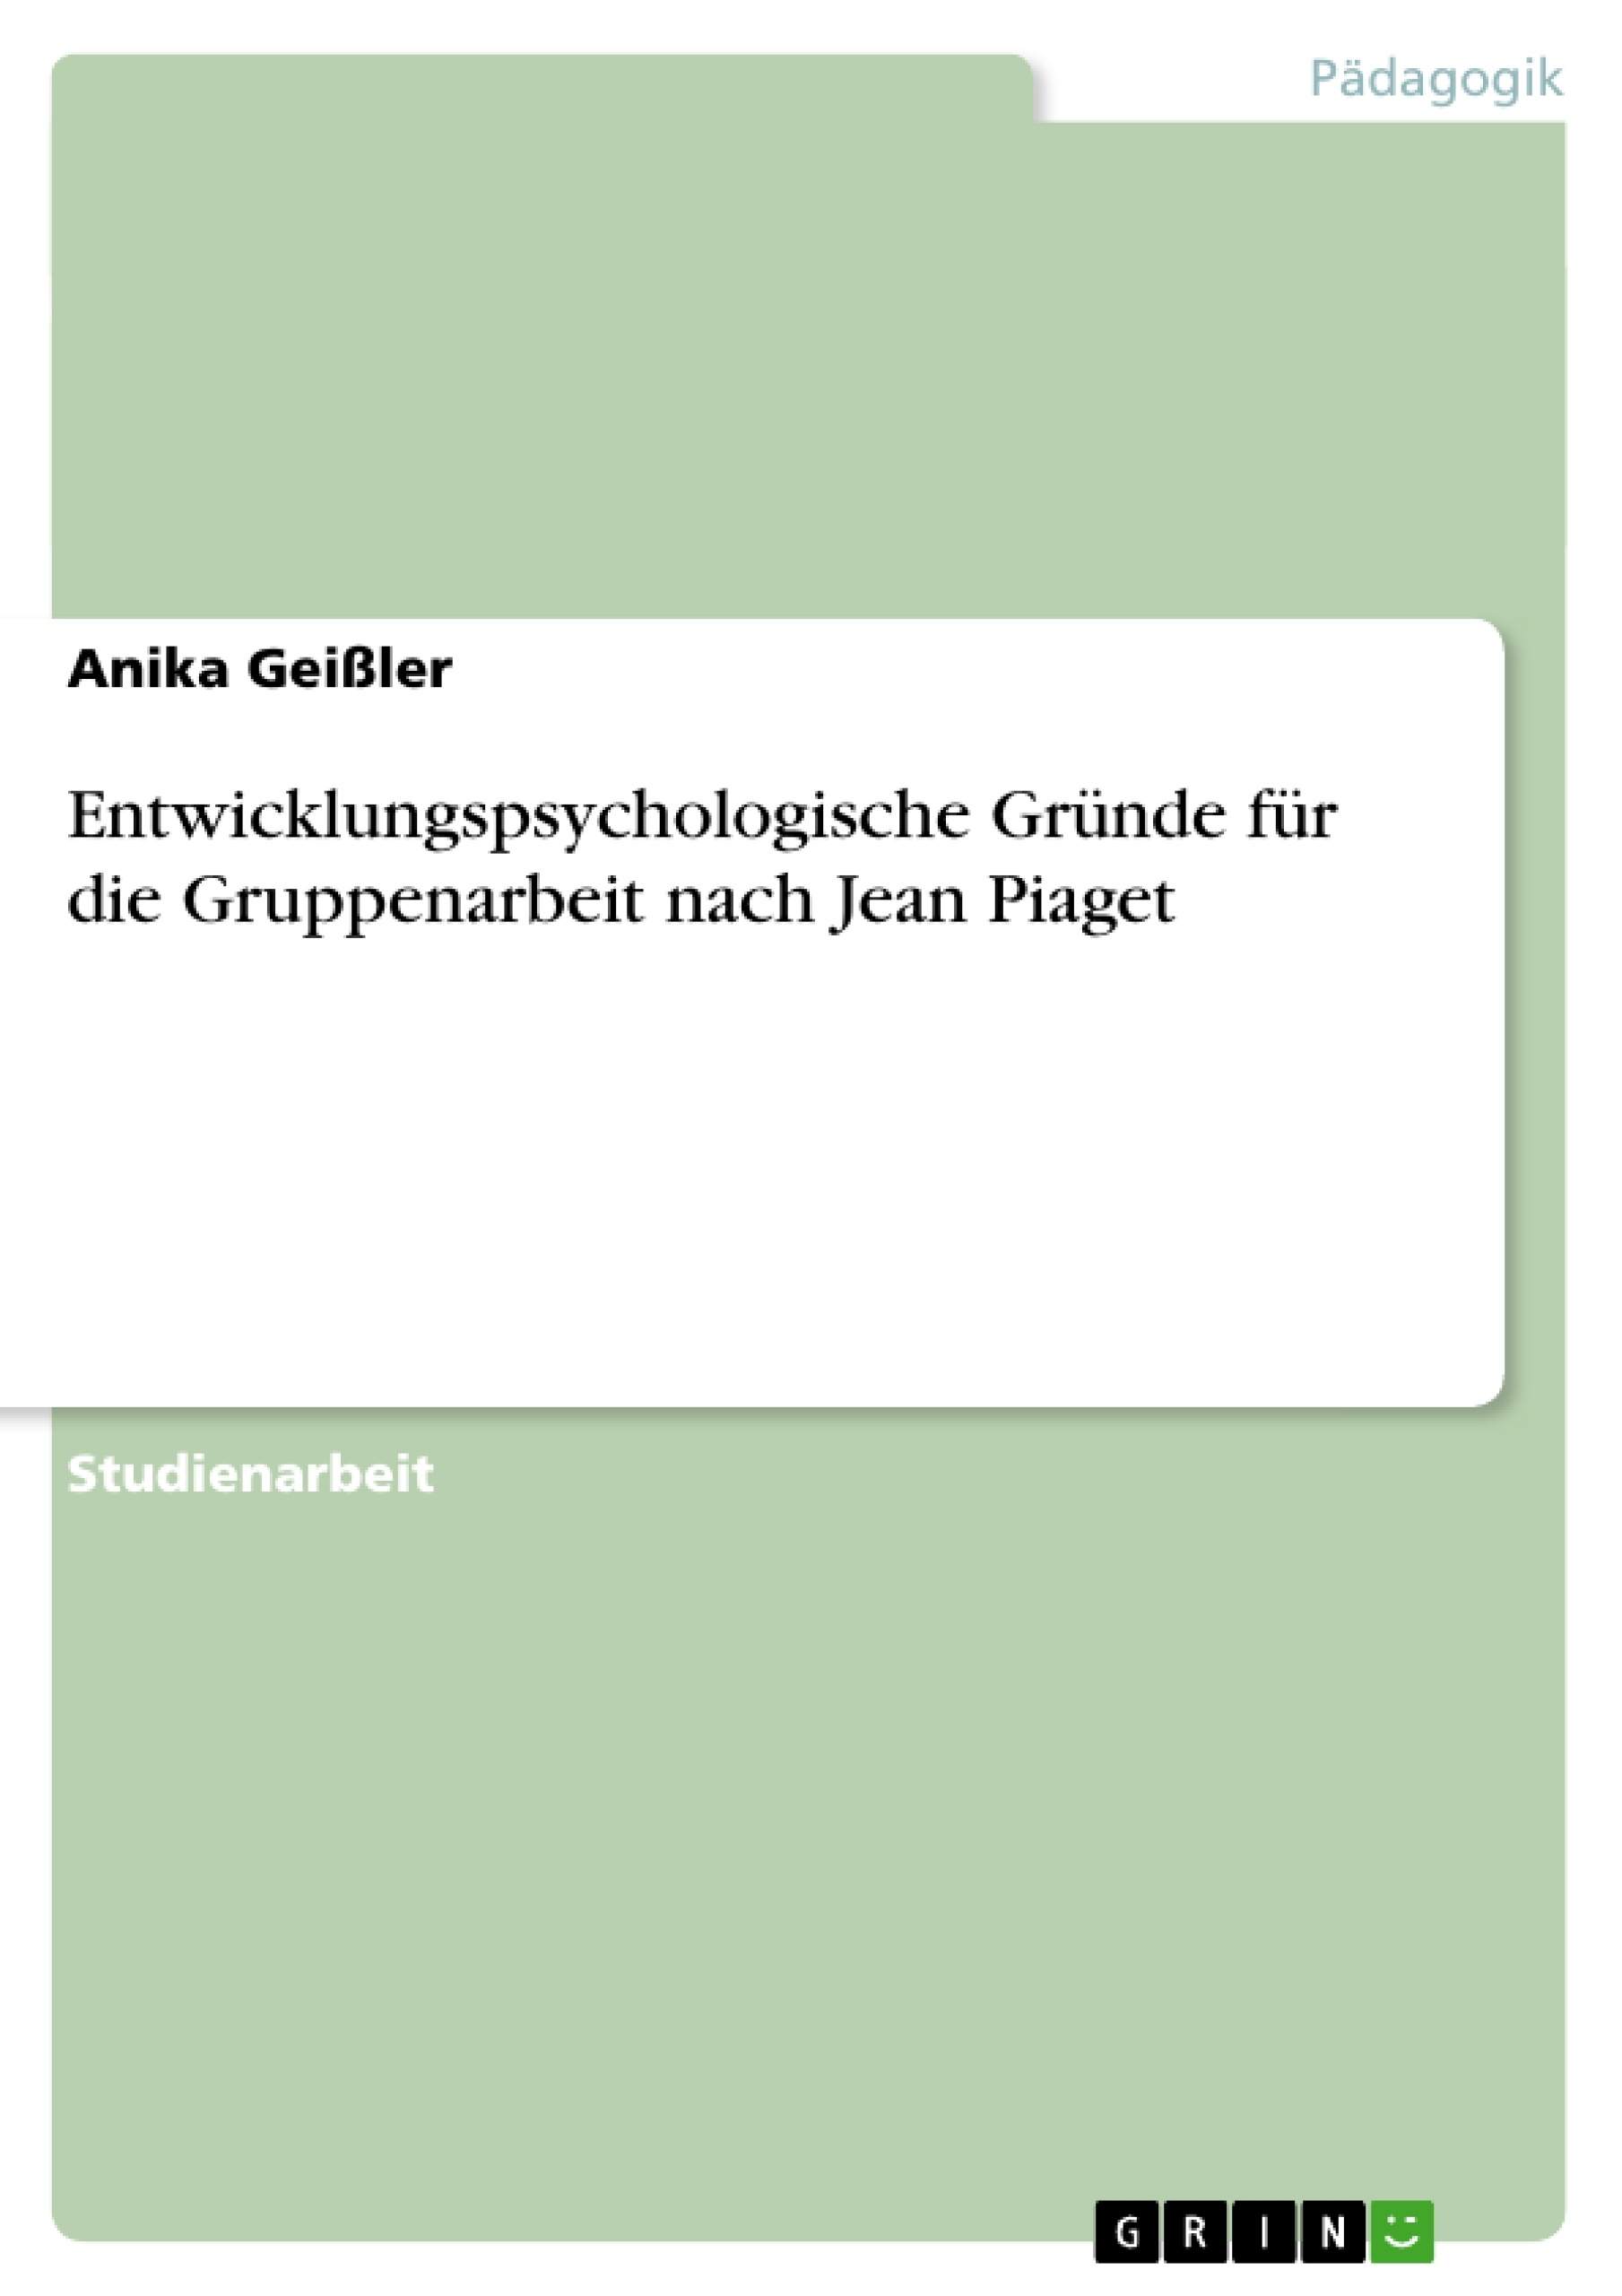 Titel: Entwicklungspsychologische Gründe für die Gruppenarbeit nach Jean Piaget